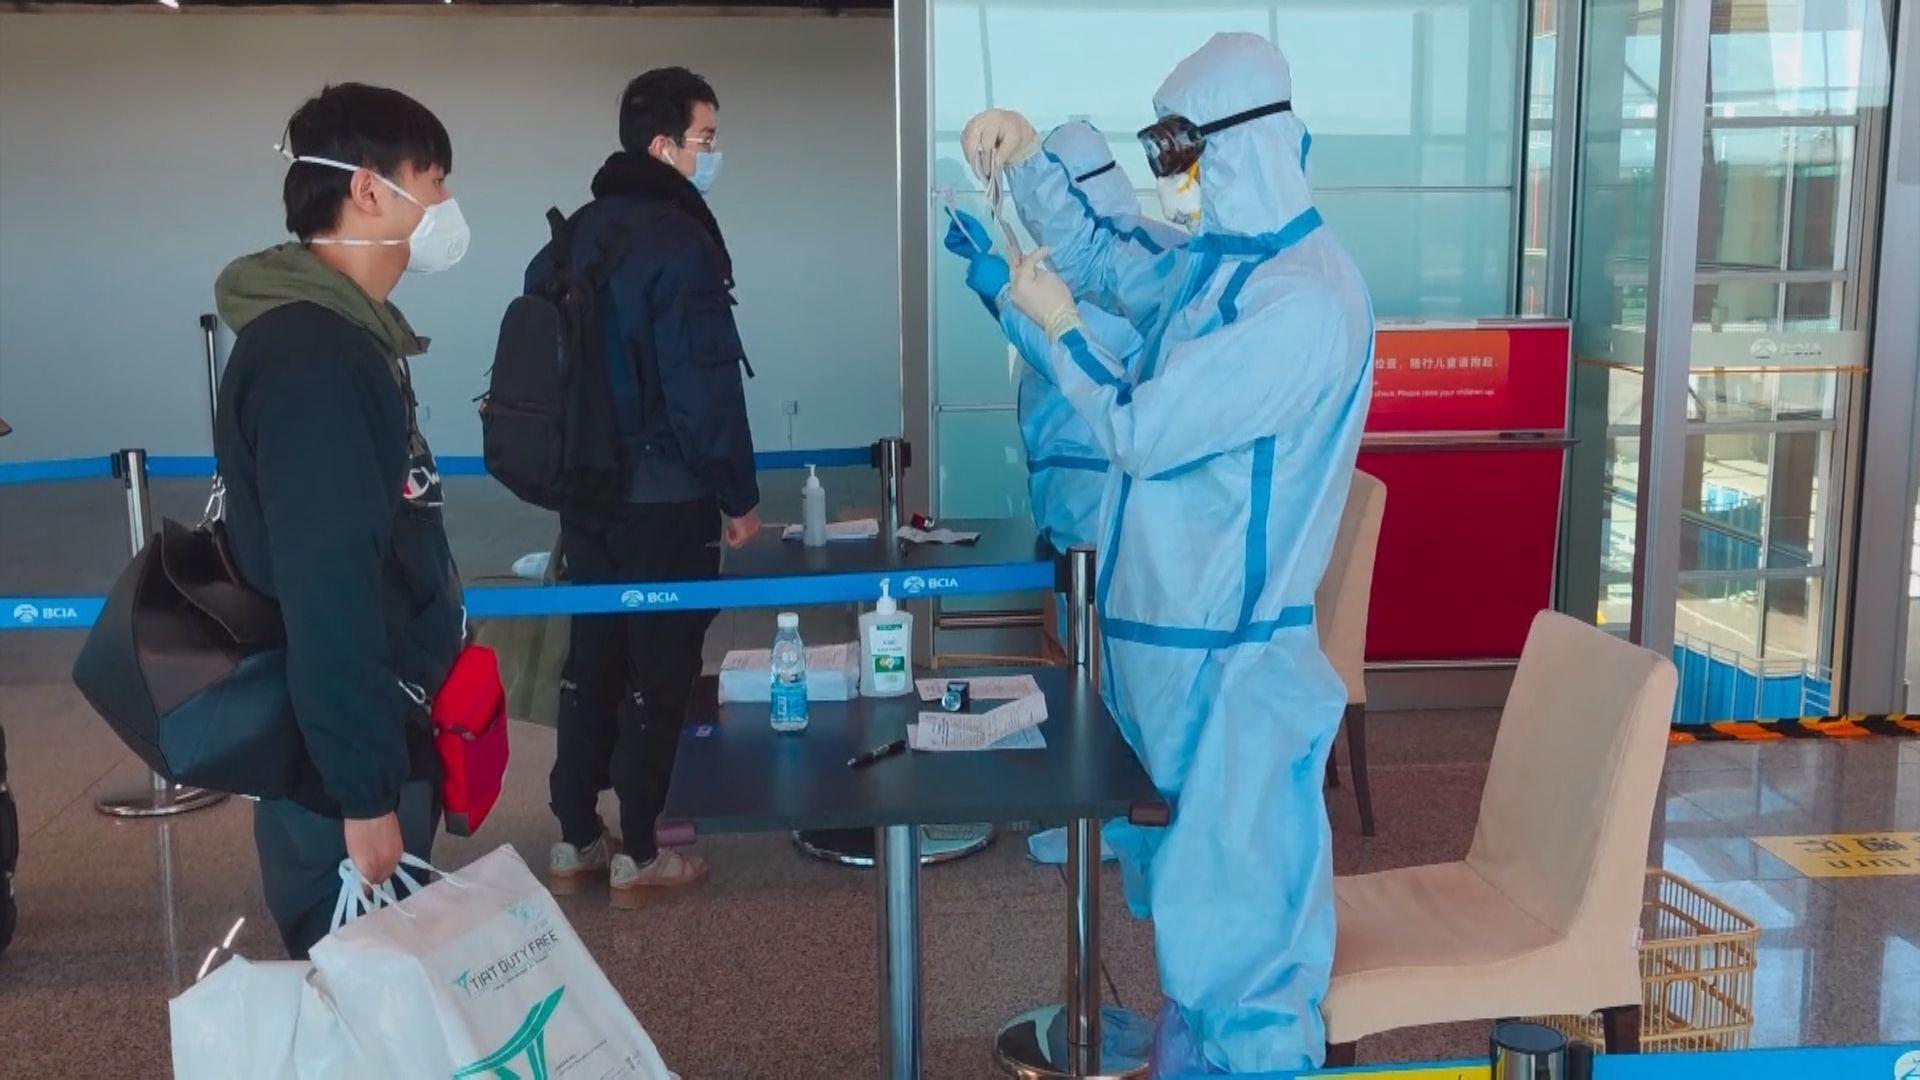 國際航班前往北京必須先到指定城市檢疫